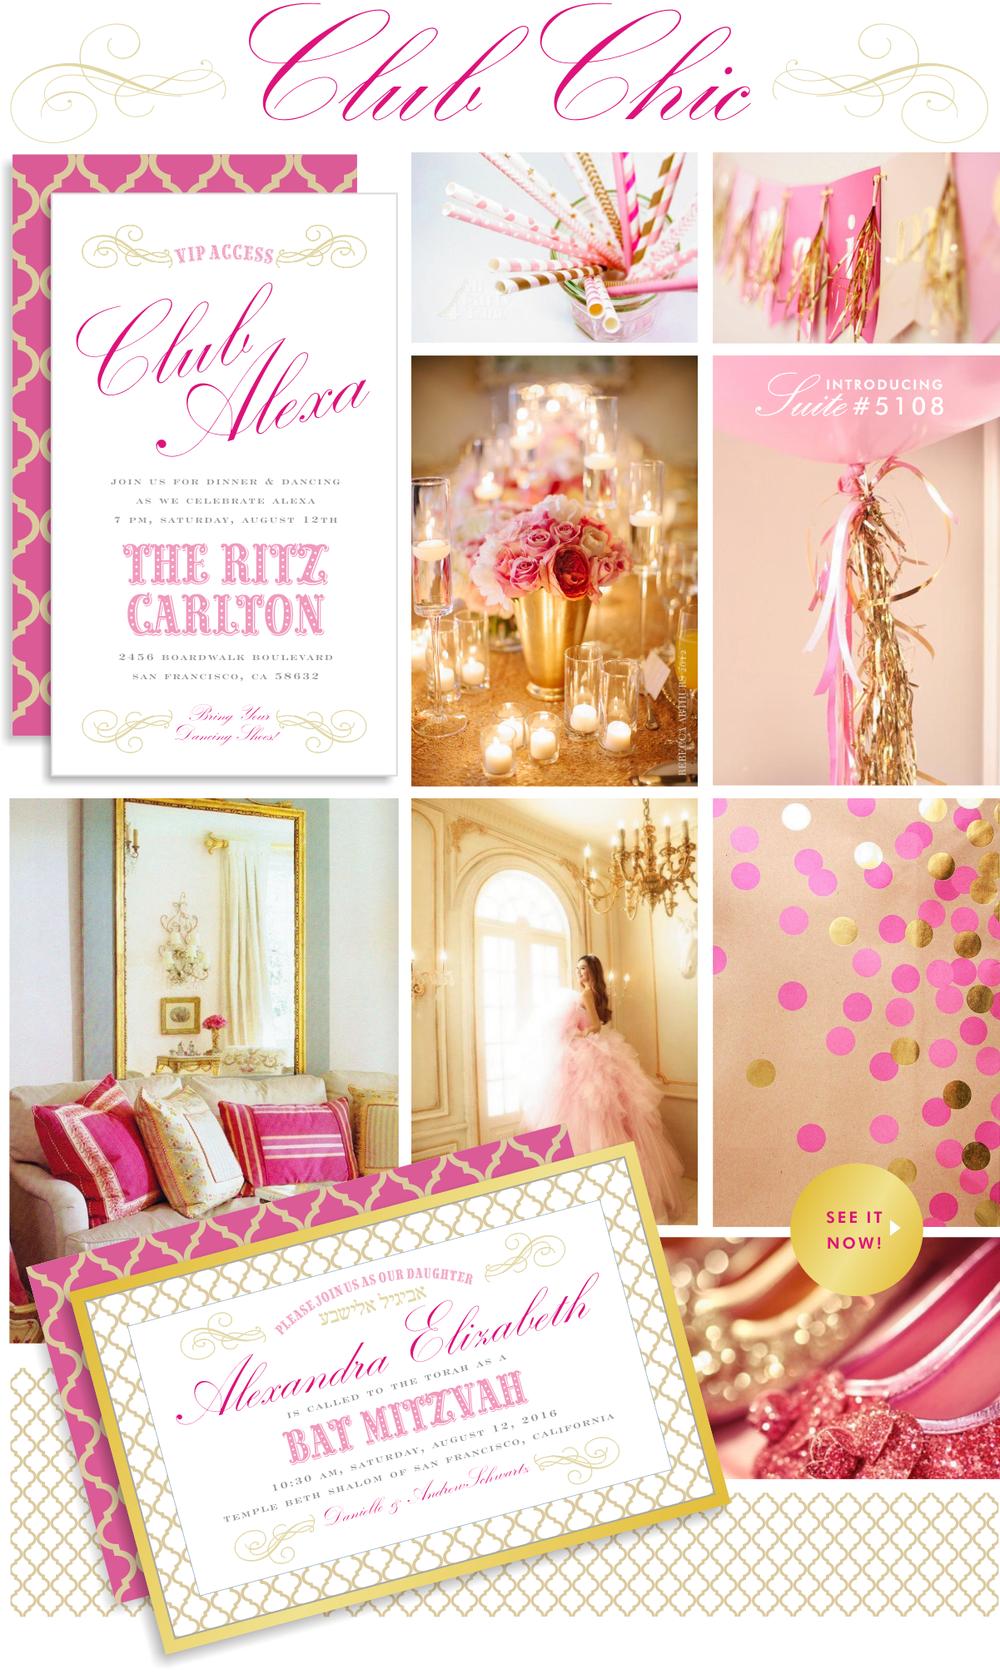 Sarah Schwartz Bat Mitzvah Club Chic Ideas in Pink